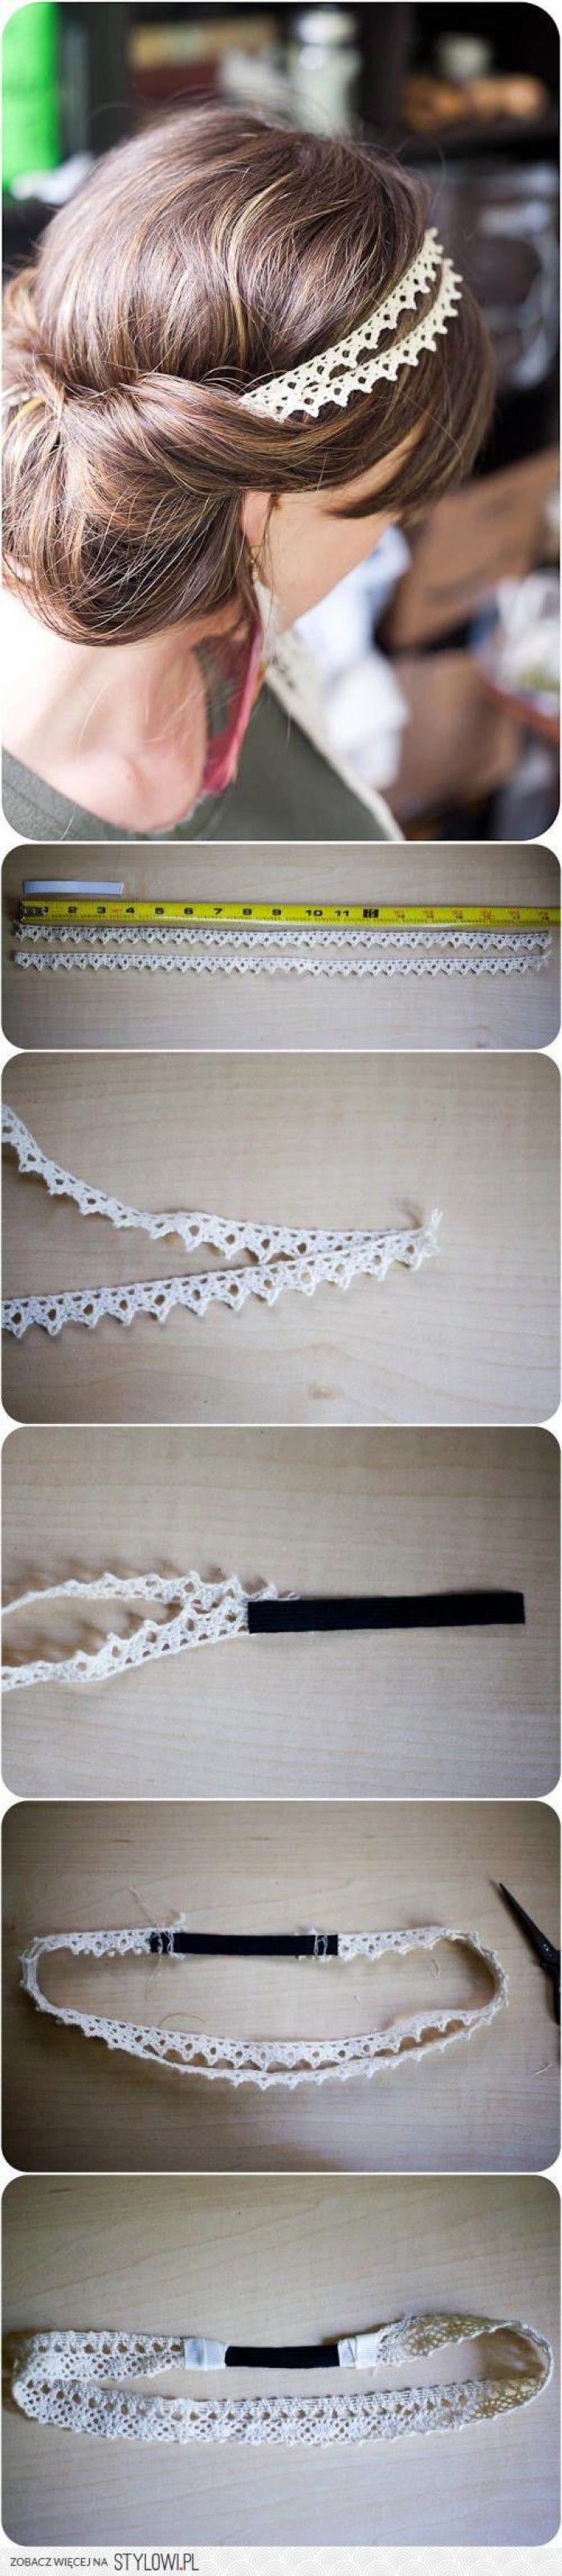 leuk idee, met elastiek en mooi kanten randje